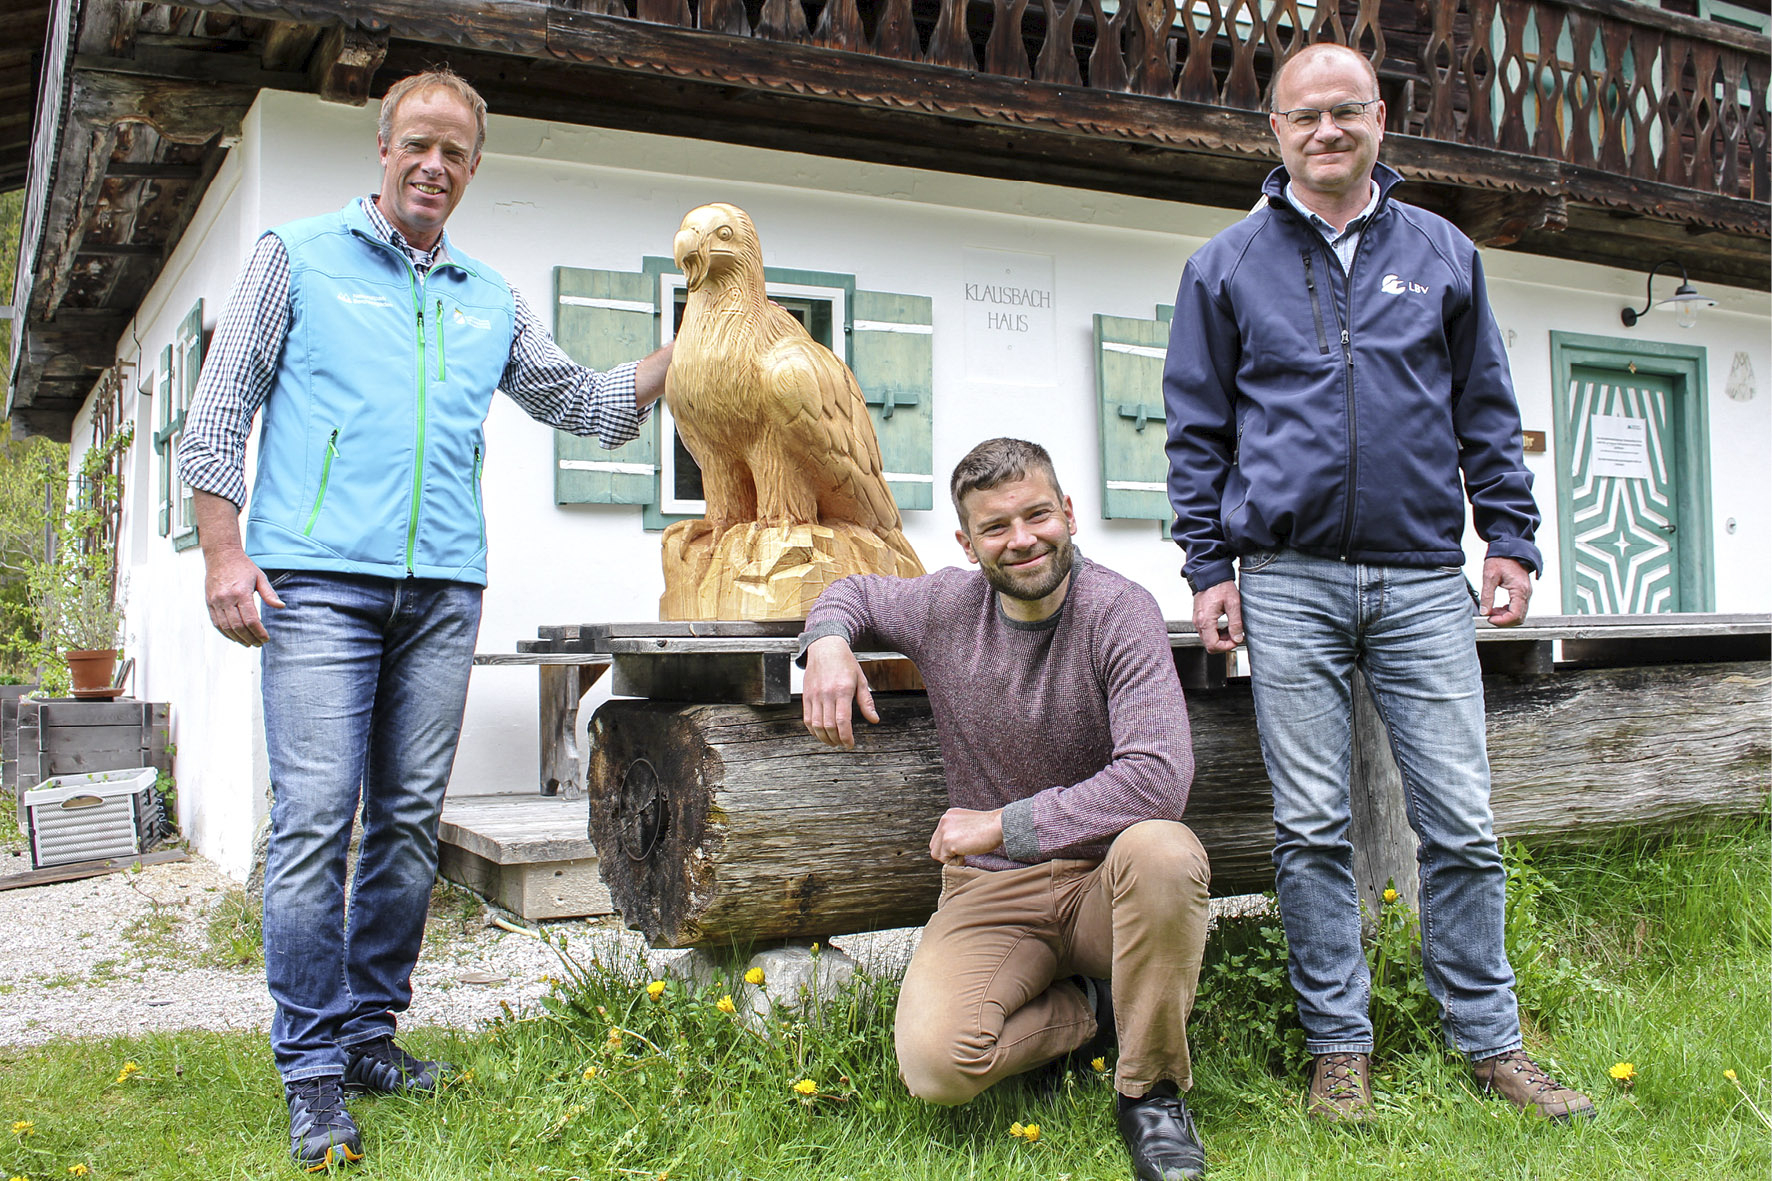 Pressebild: LBV-Vorsitzender Dr. Norbert Sch��ffer (r.) ��berreichte k��rzlich eine Bartgeier-Skulptur an Nationalpark-Projektleiter Ulrich Brendel (l.). Die originalgro��e Holzskulptur hat der Berchtesgadener Holzschnitzer Marinus Brandner (Mitte) in Handarbeit angefertigt.